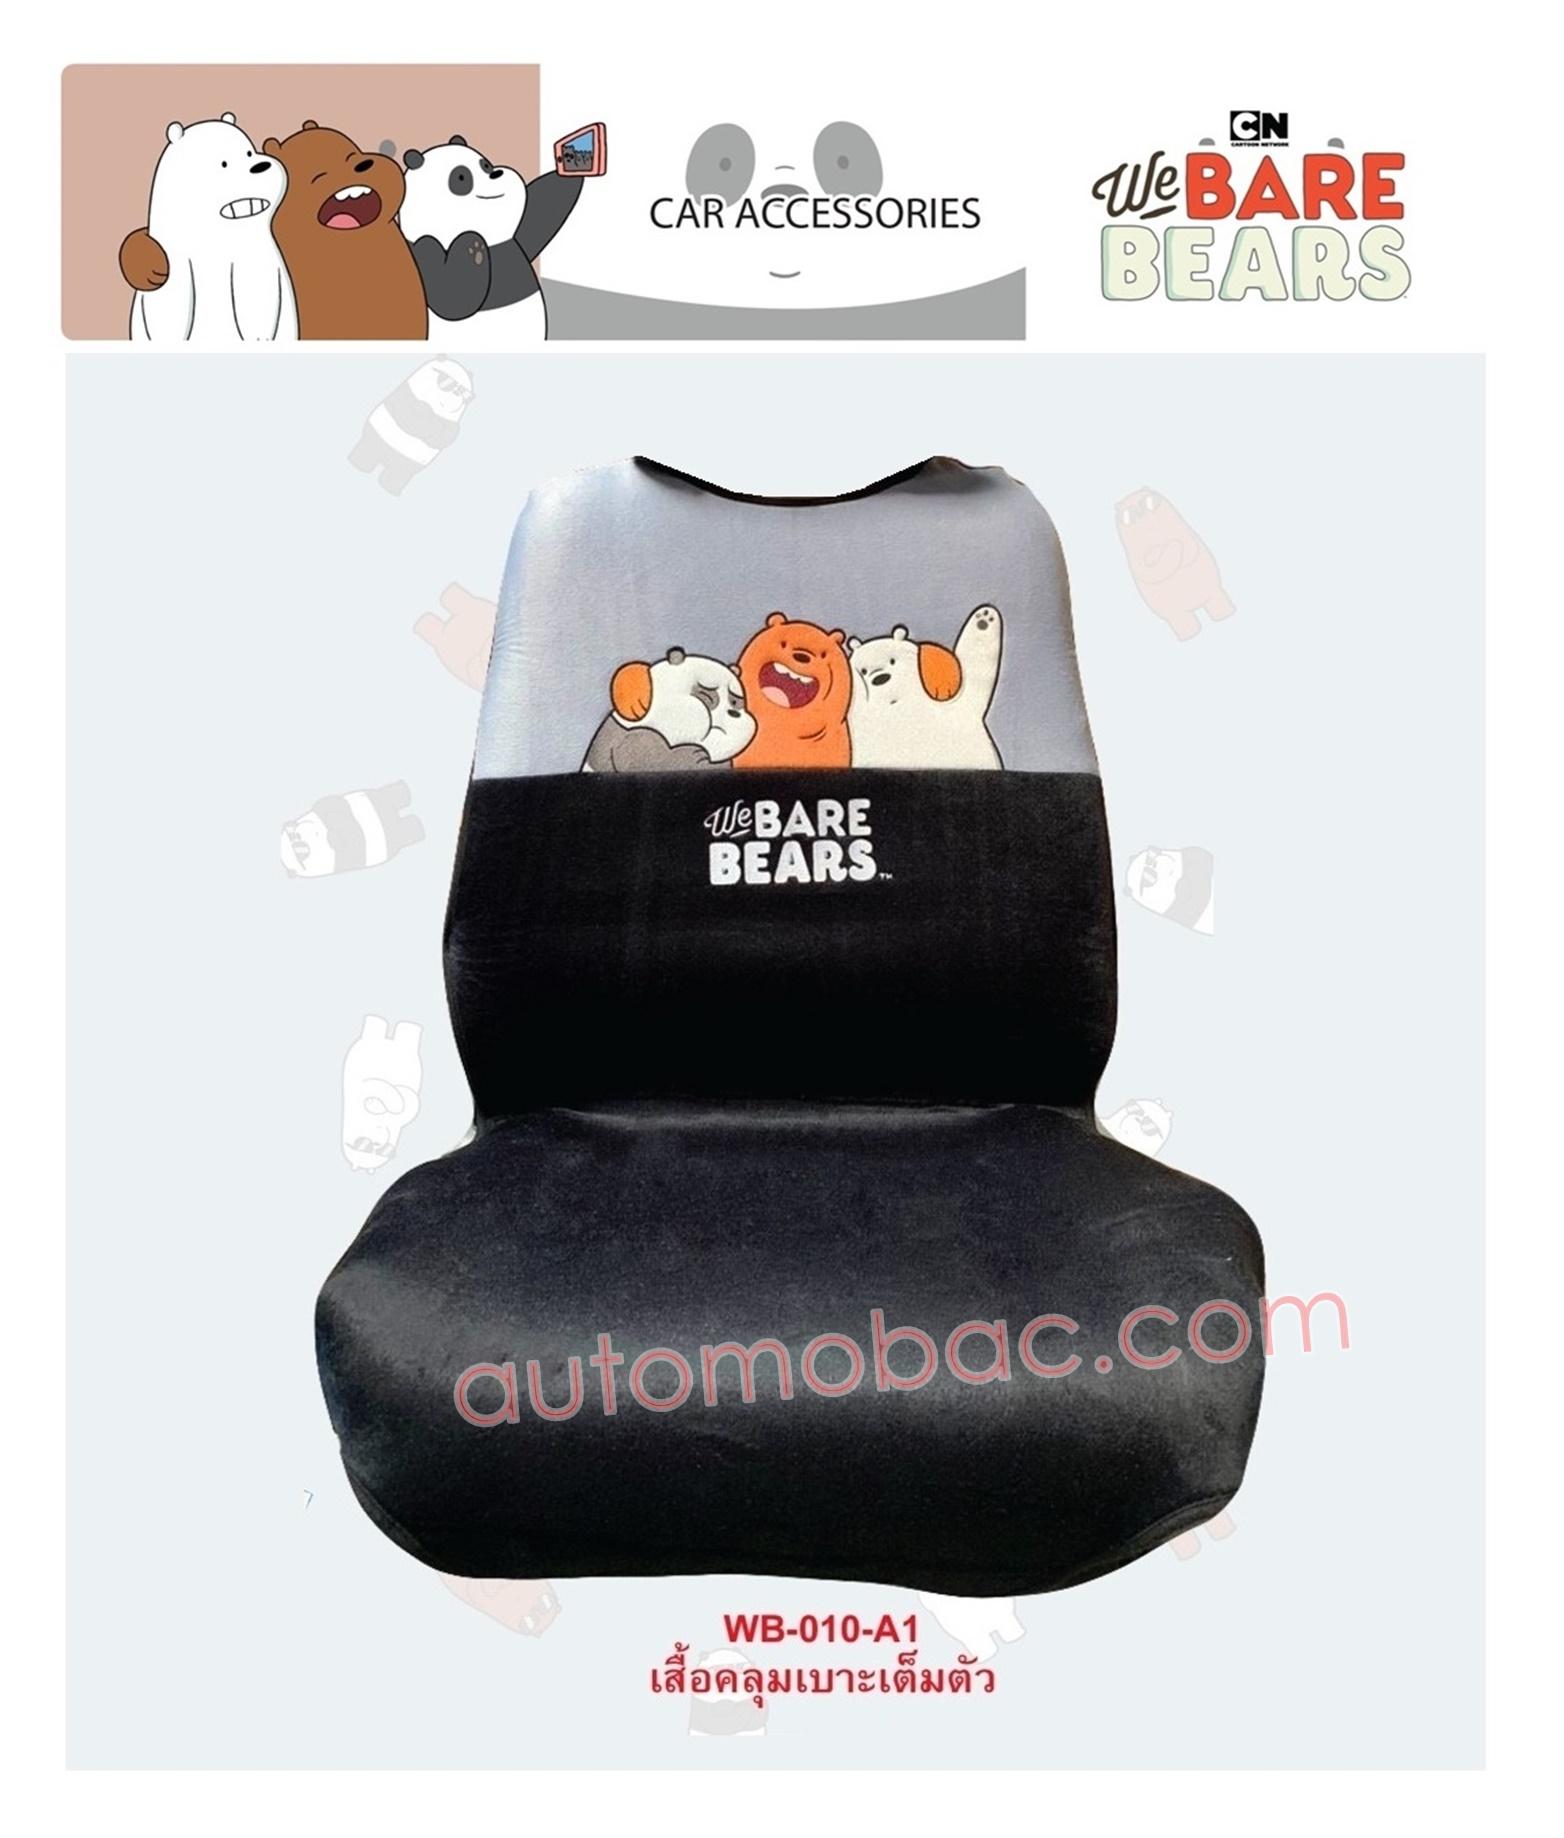 We Bare Bears ที่หุ้มเบาะเต็มตัว 1 ชิ้น ปกป้องเบาะรถจากความร้อน รอยขีดข่วน กันเปื้อน กันสิ่งสกปรก